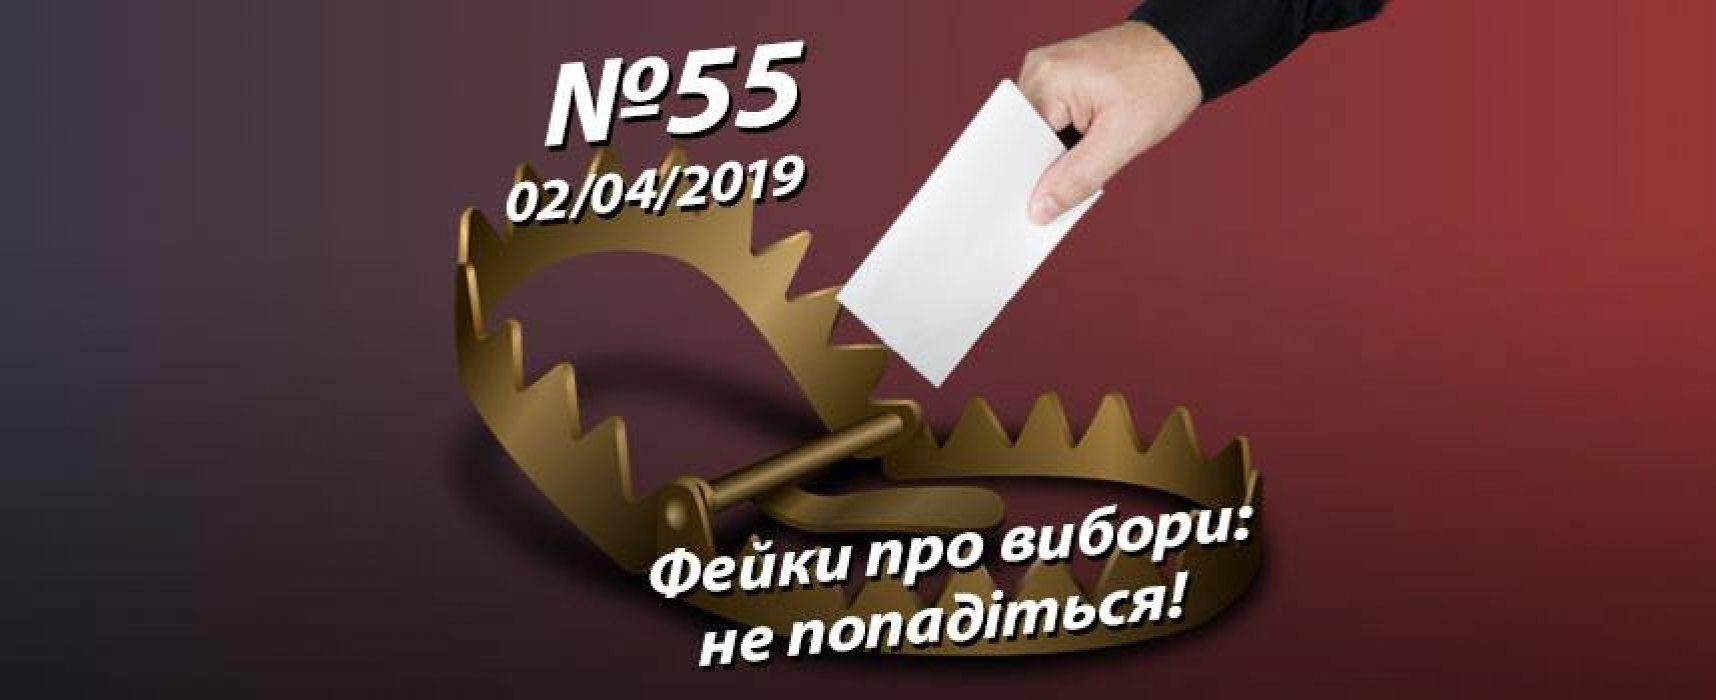 Фейки про вибори: не попадіться! – StopFake.org